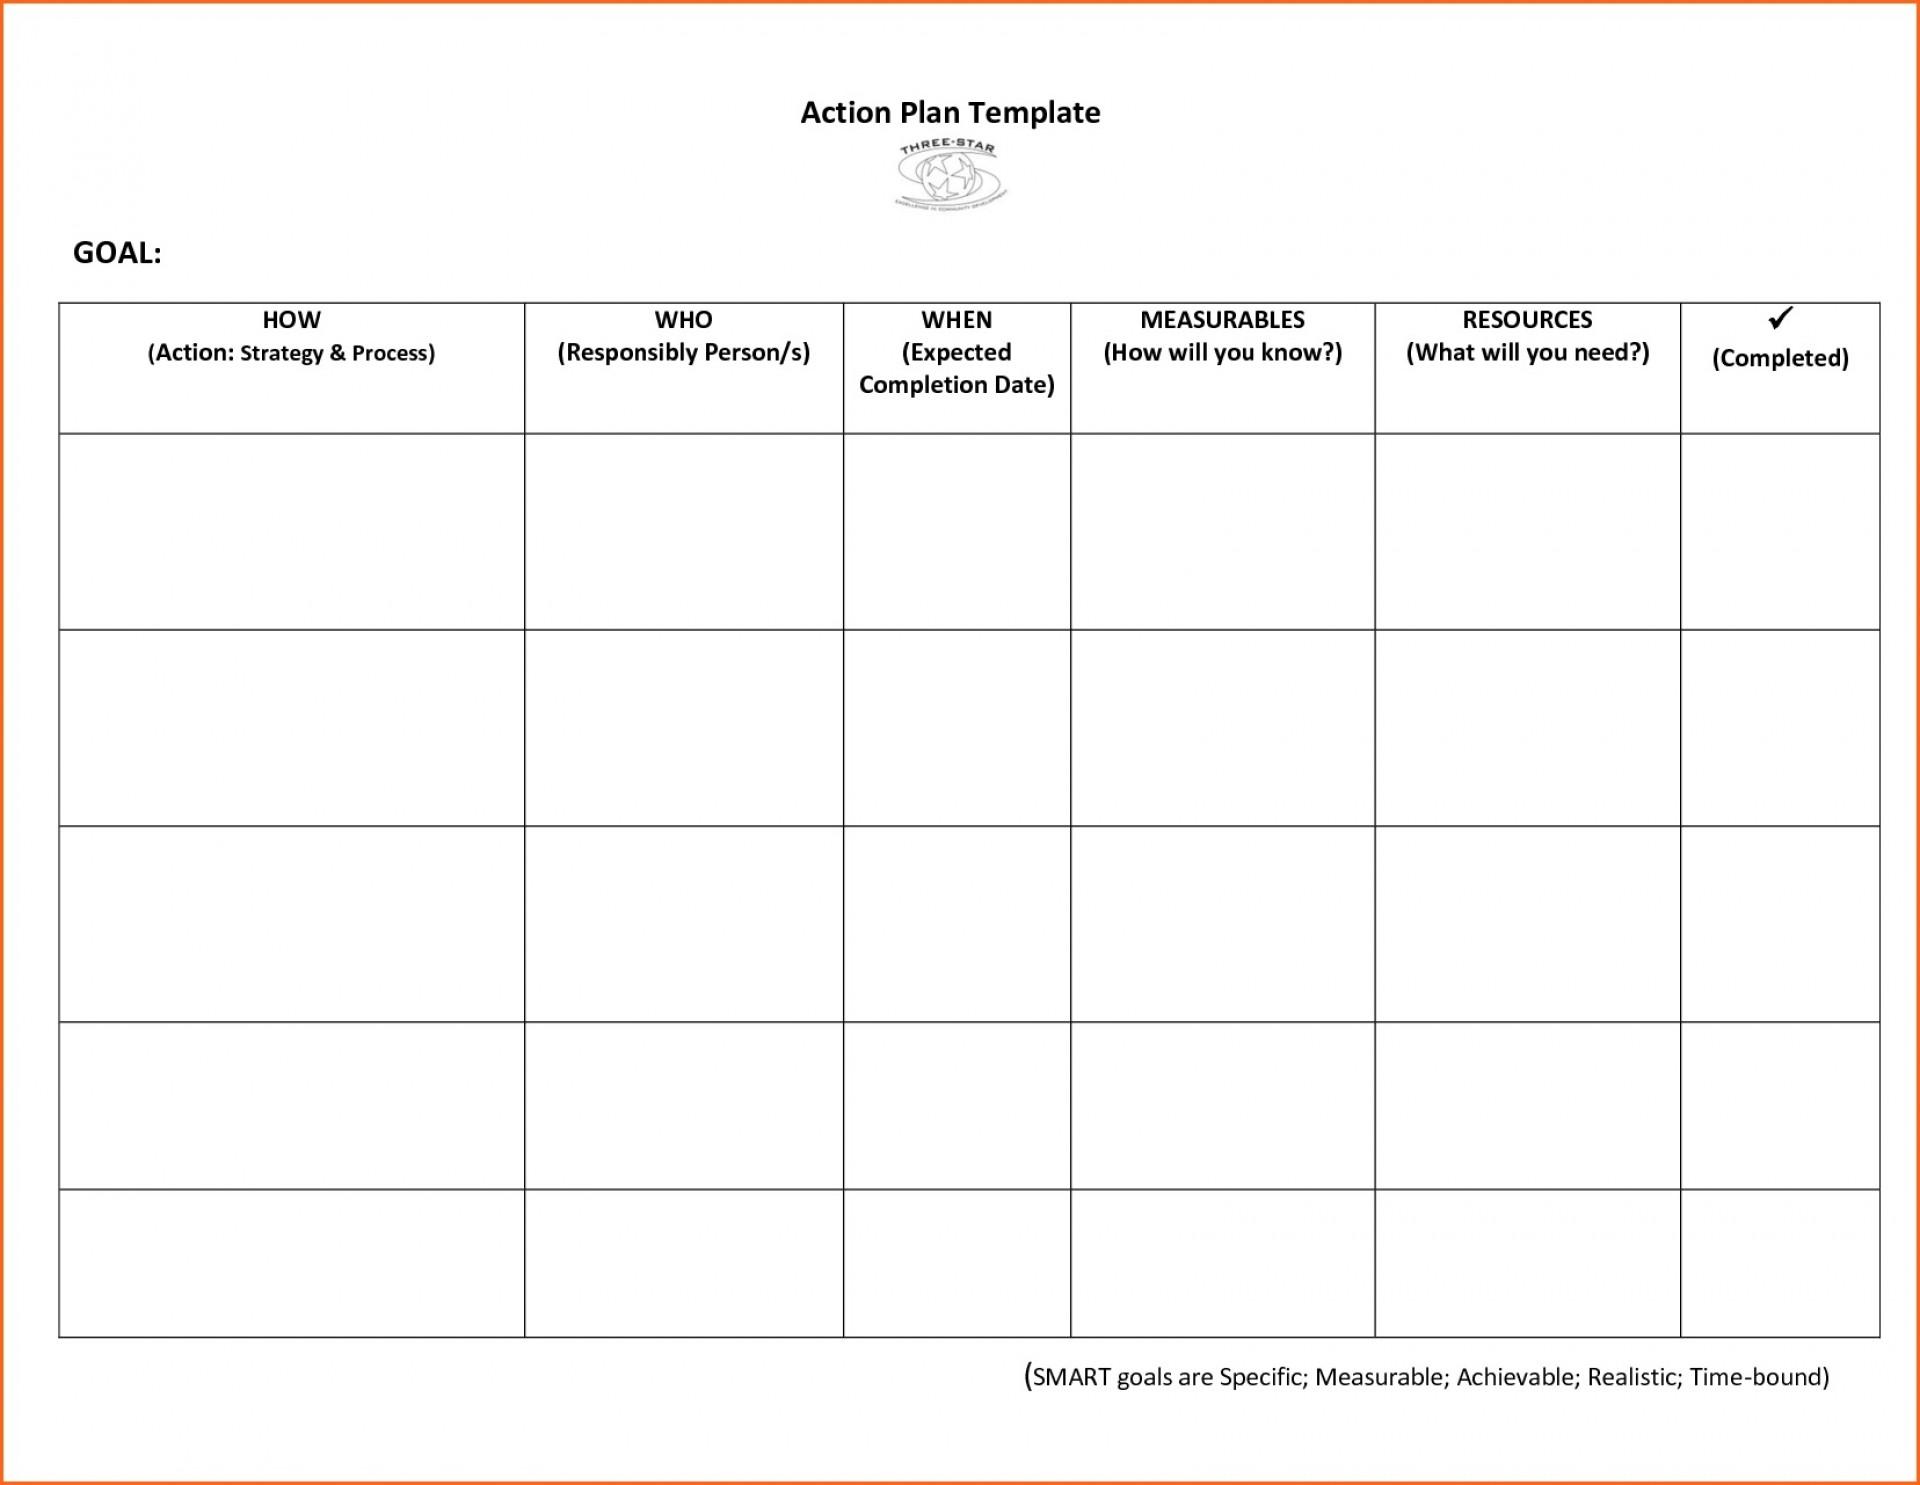 001 Astounding Smart Action Plan Template Image  Nh Download Nursing1920